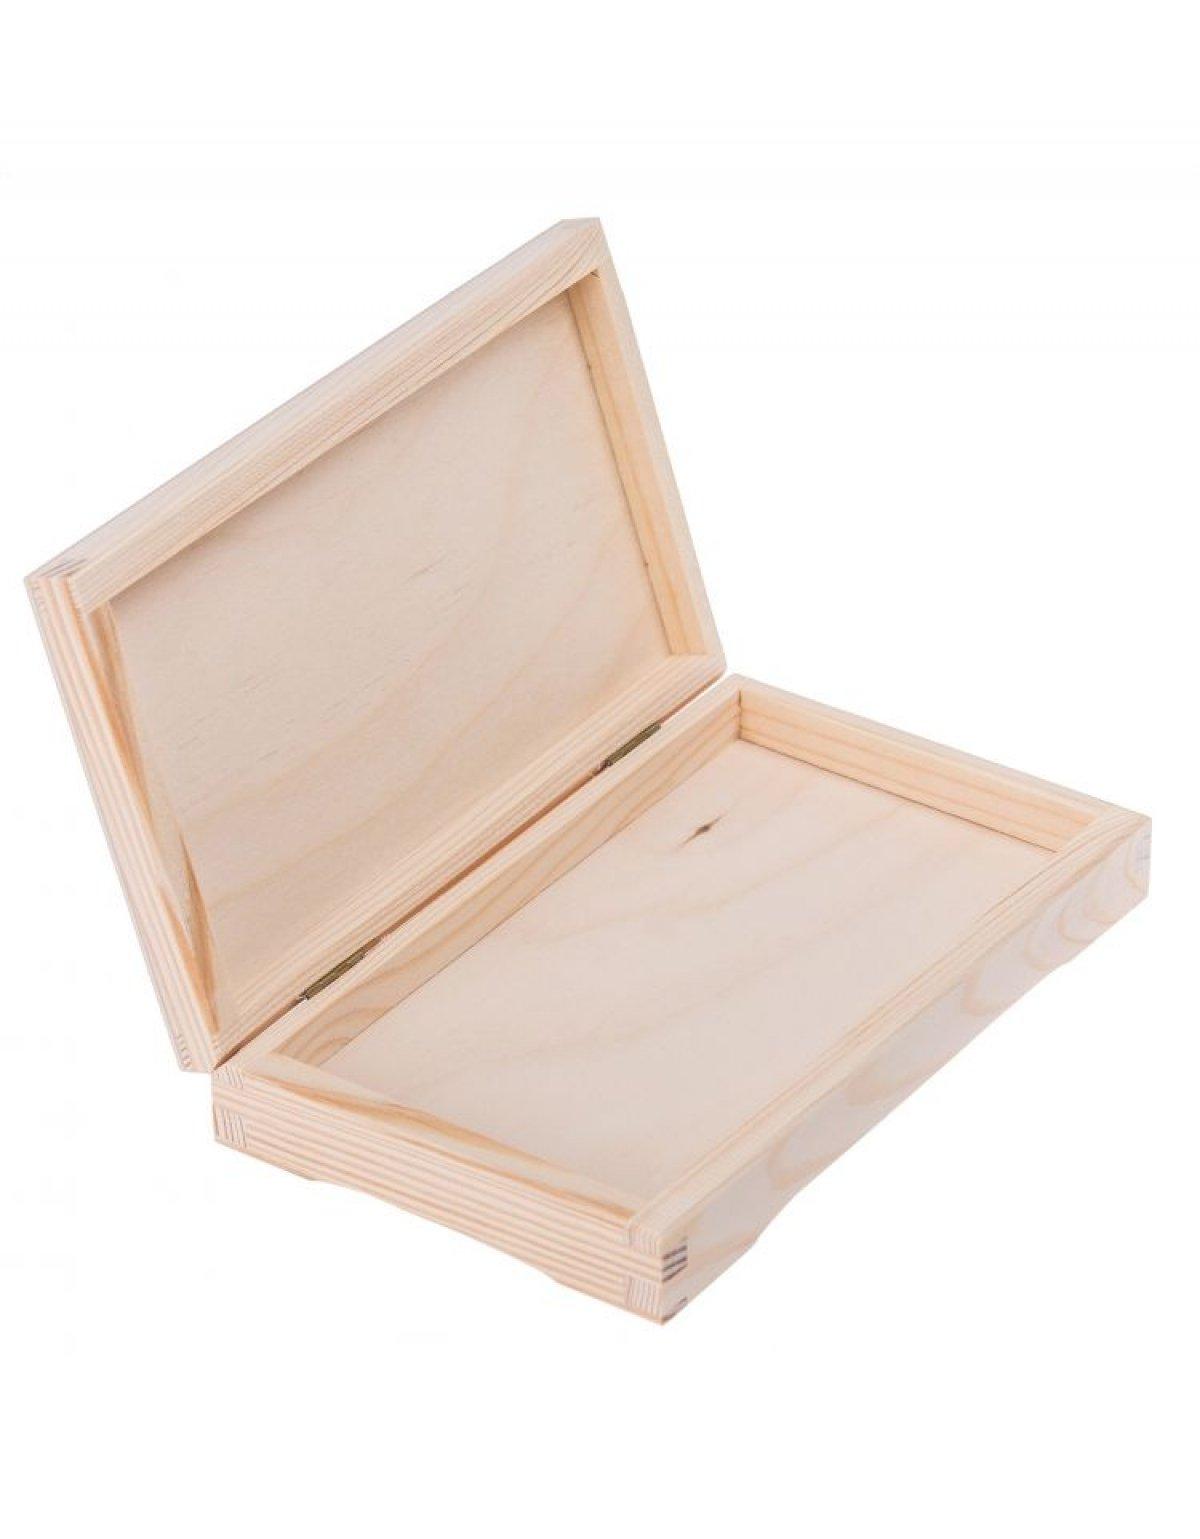 Krabička dřevěná CHOCO 11,5x20x3,5 cm